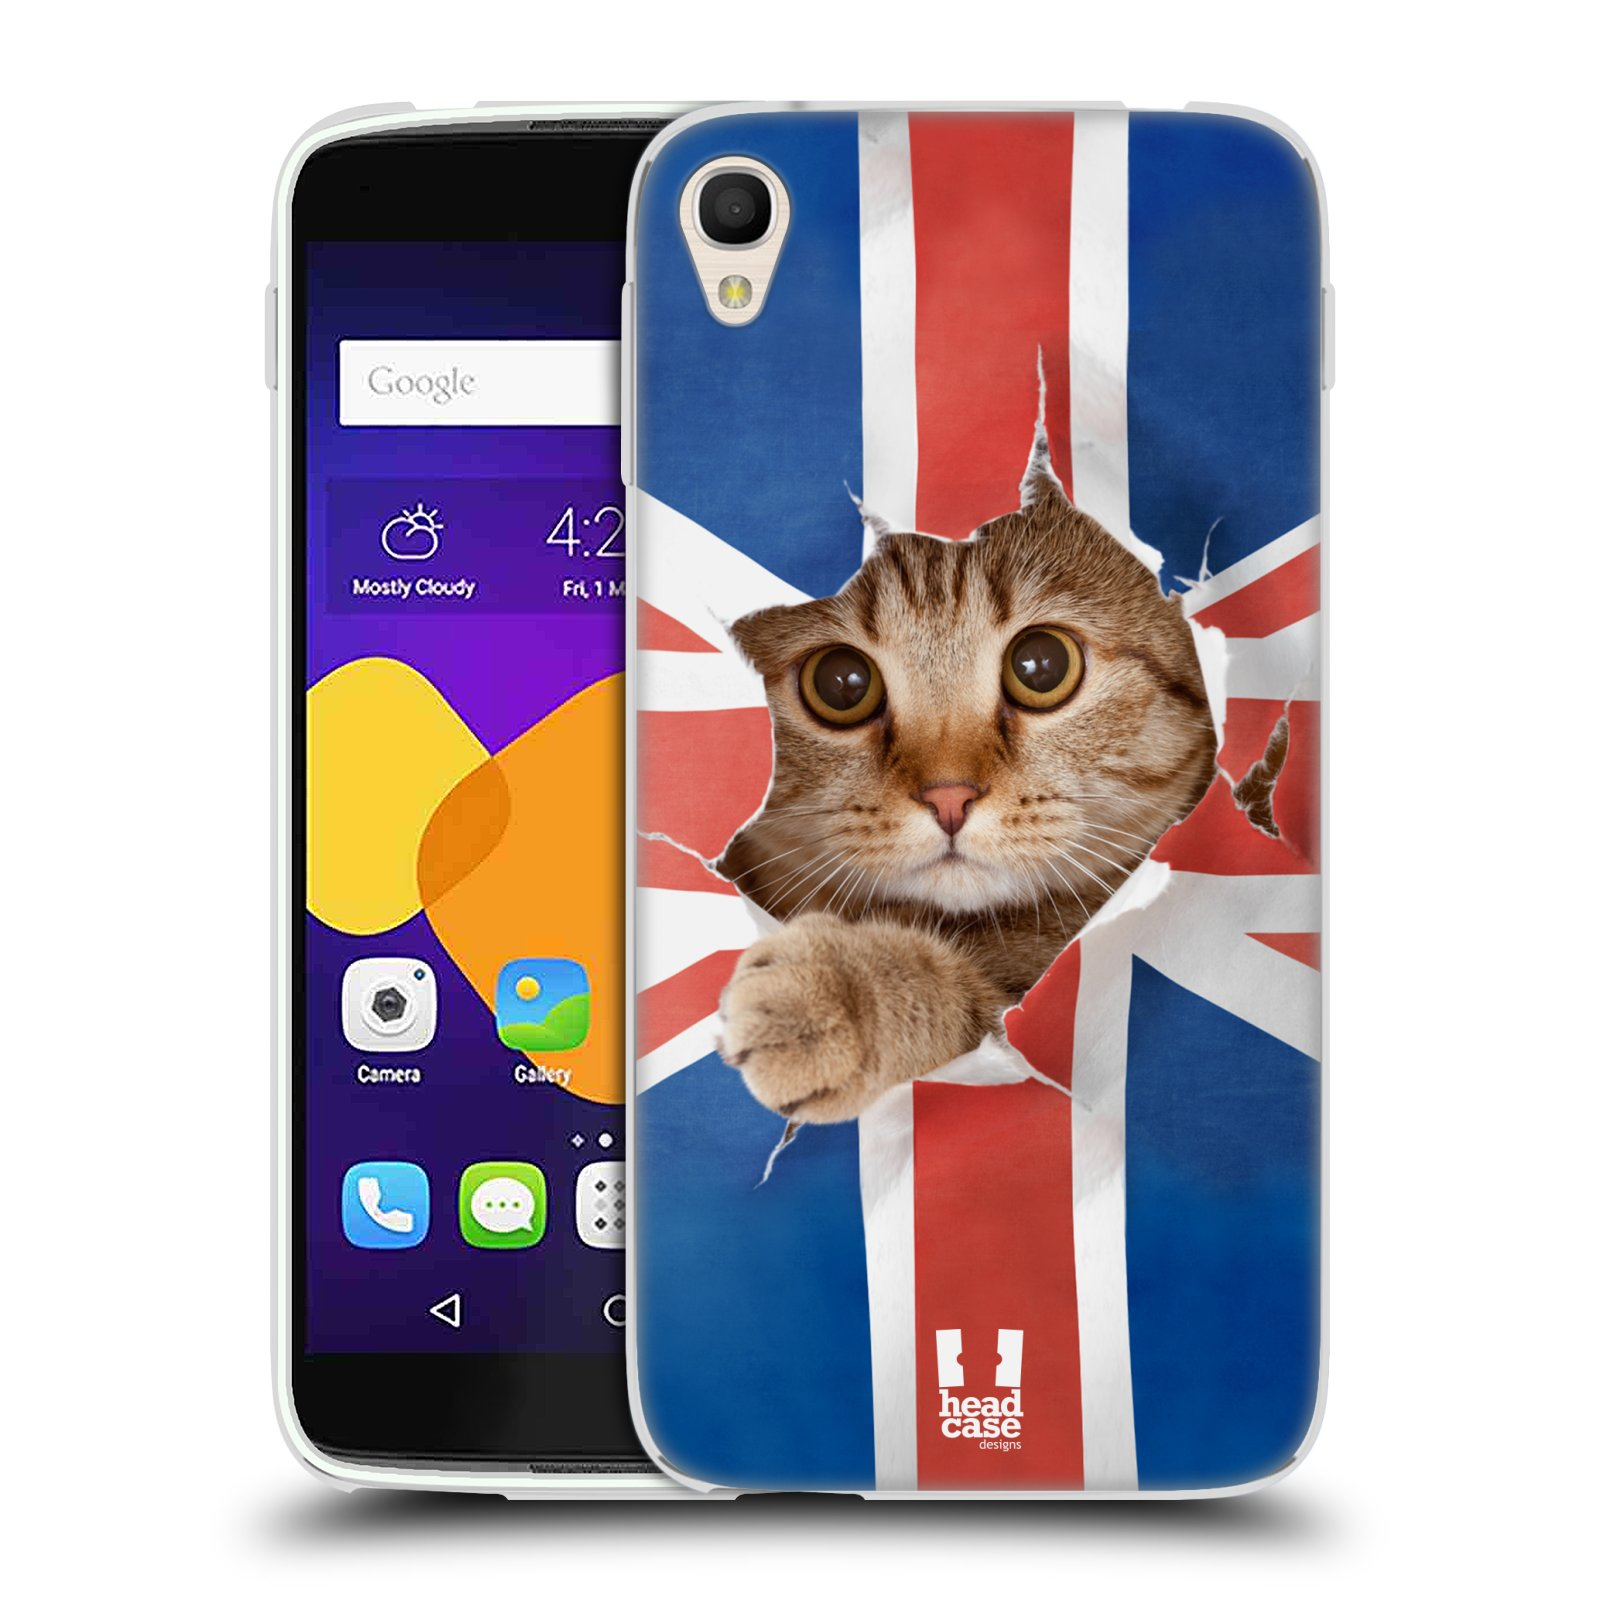 HEAD CASE silikonový obal na mobil Alcatel Idol 3 OT-6045Y (5.5) vzor Legrační zvířátka kočička a Velká Británie vlajka